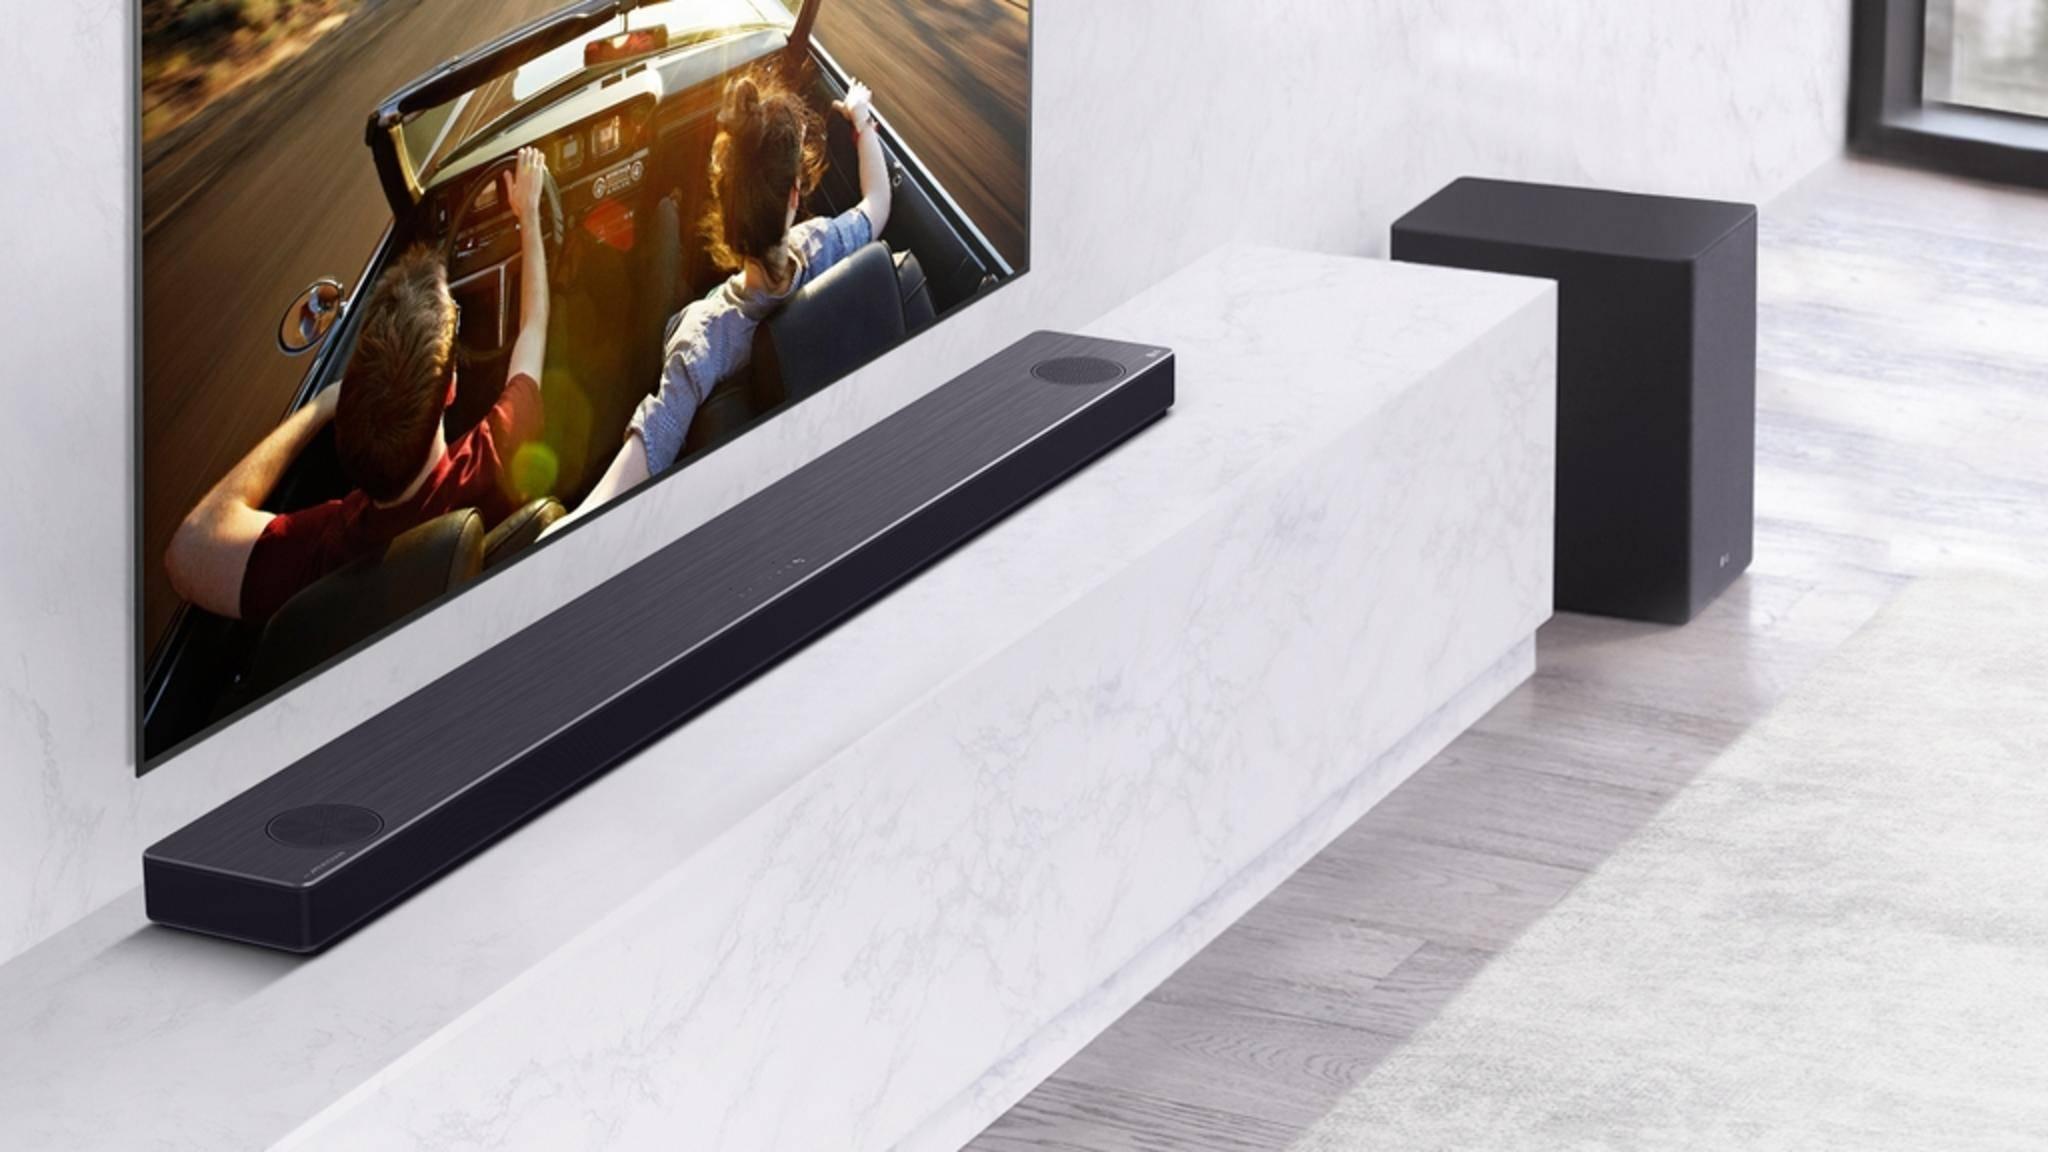 LG zeigt seine neuen Soundbars auf der CES.